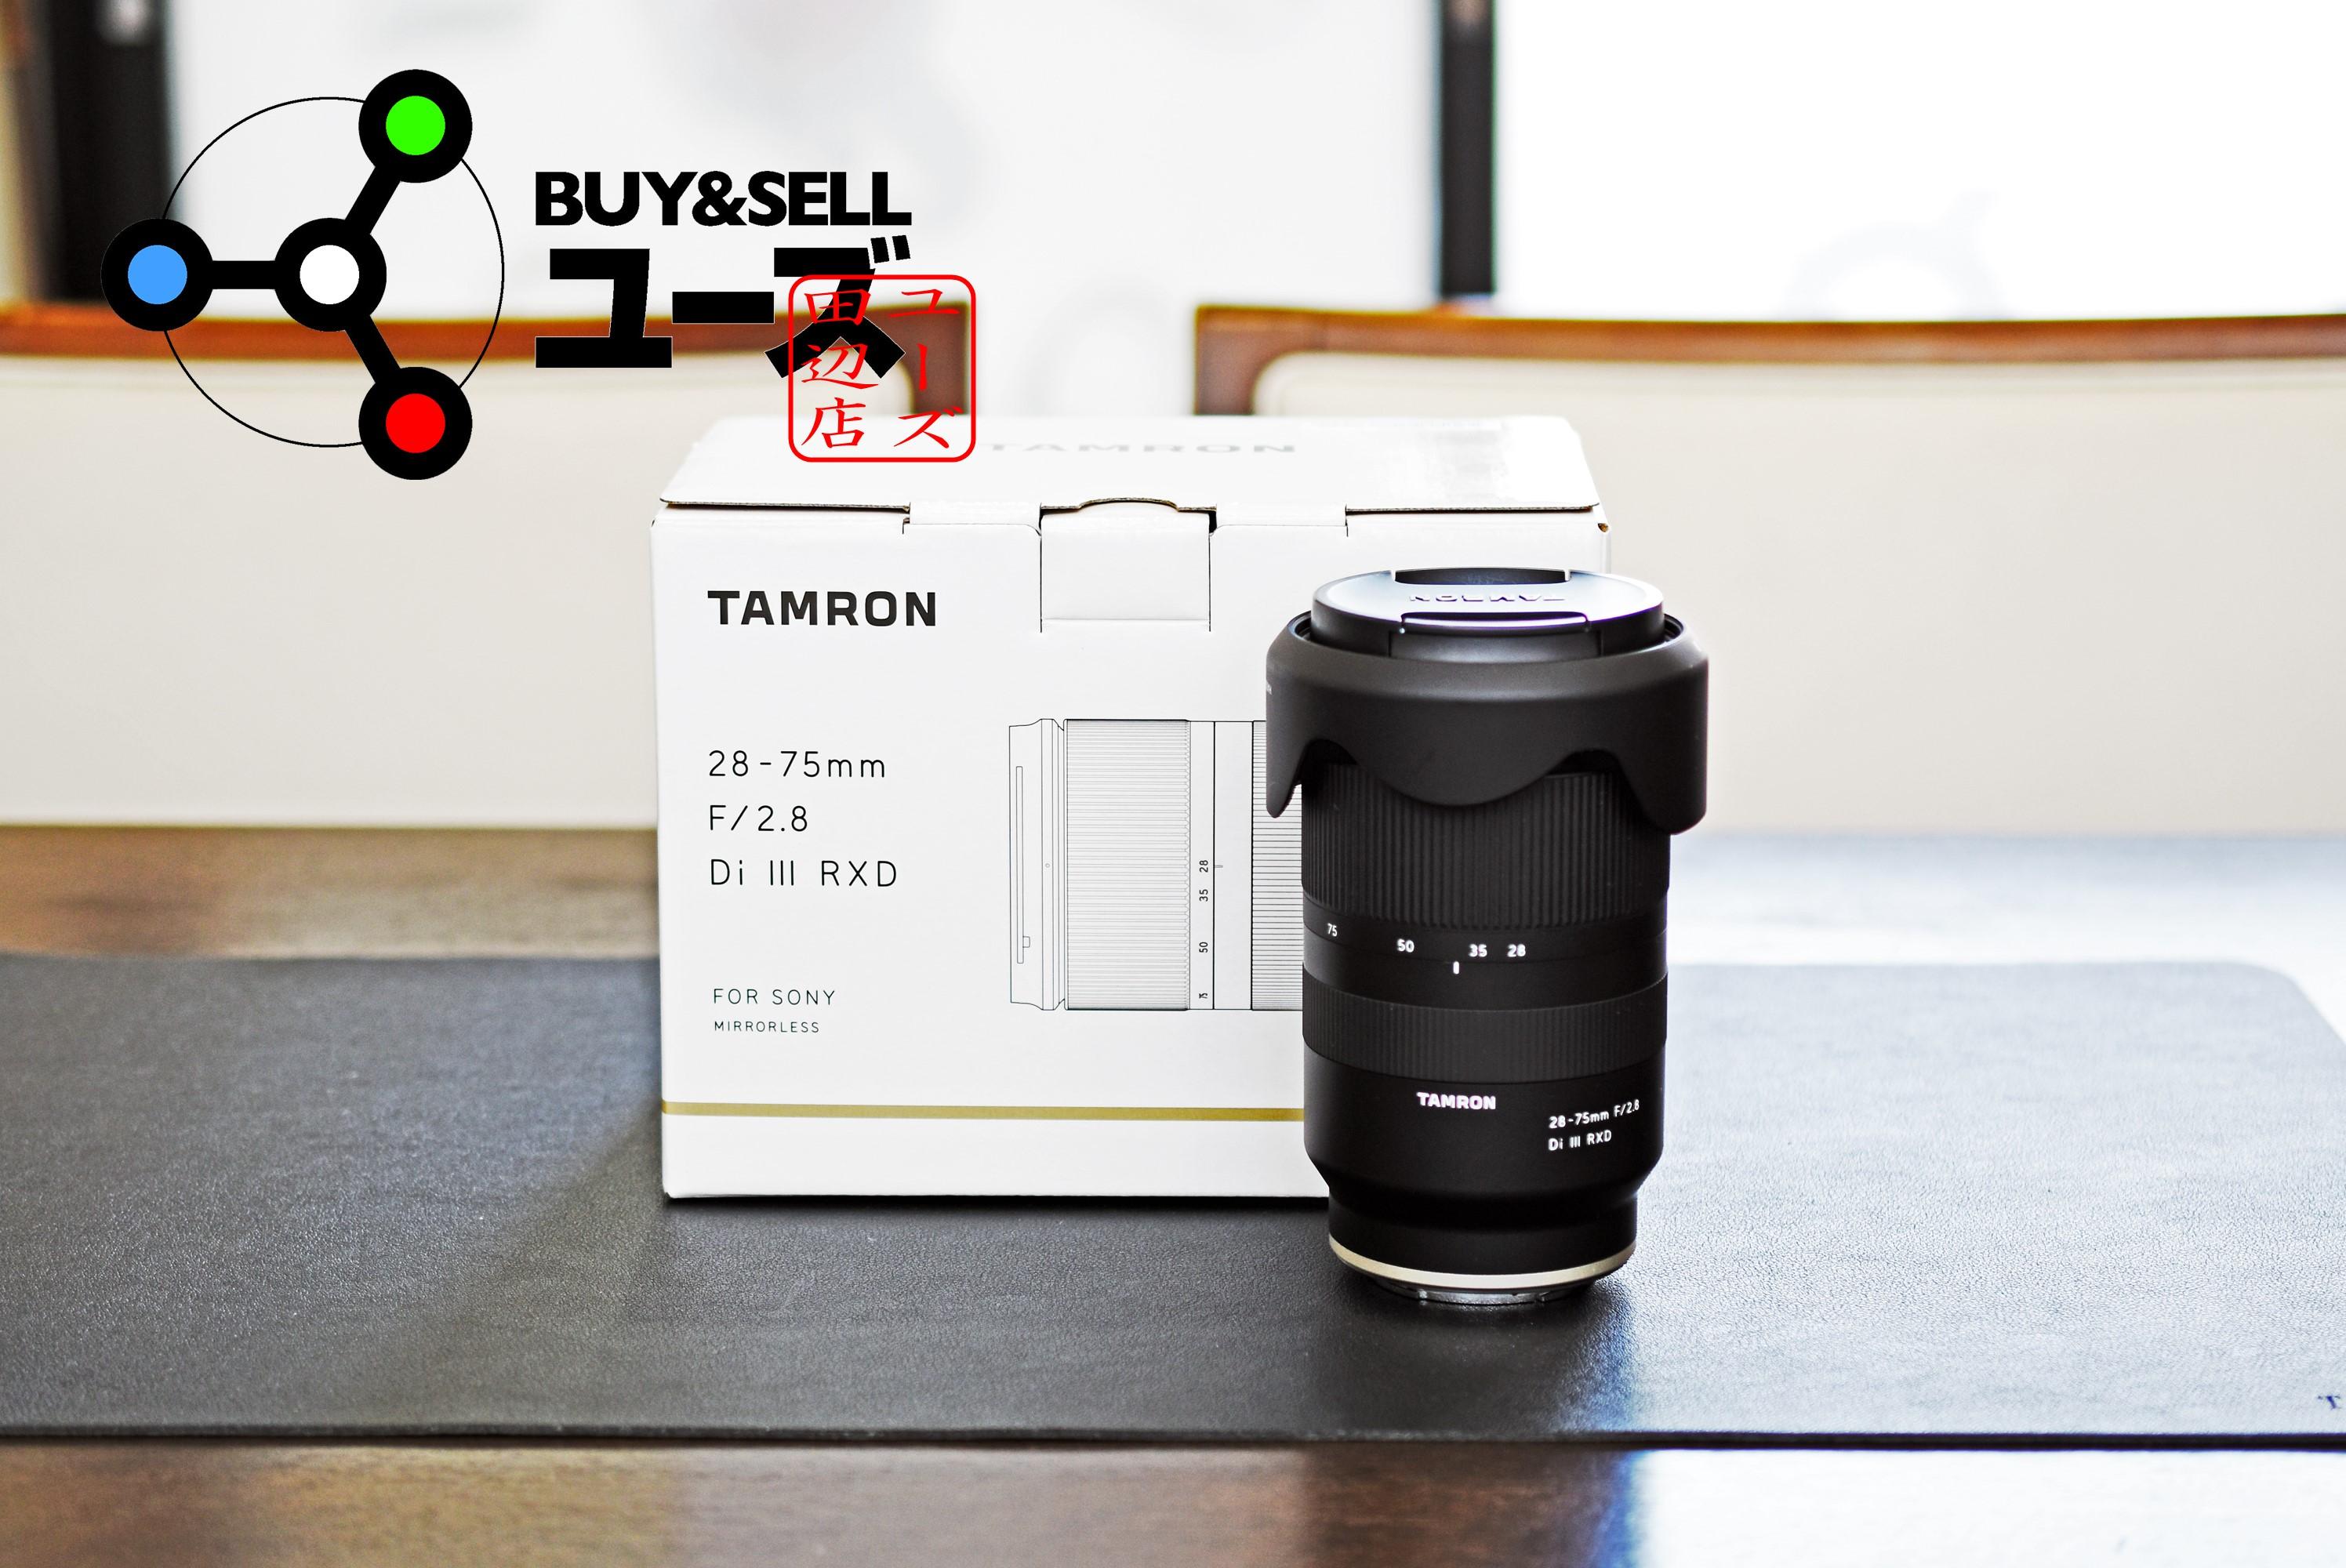 タムロン28-75mmF2.8ズームレンズ